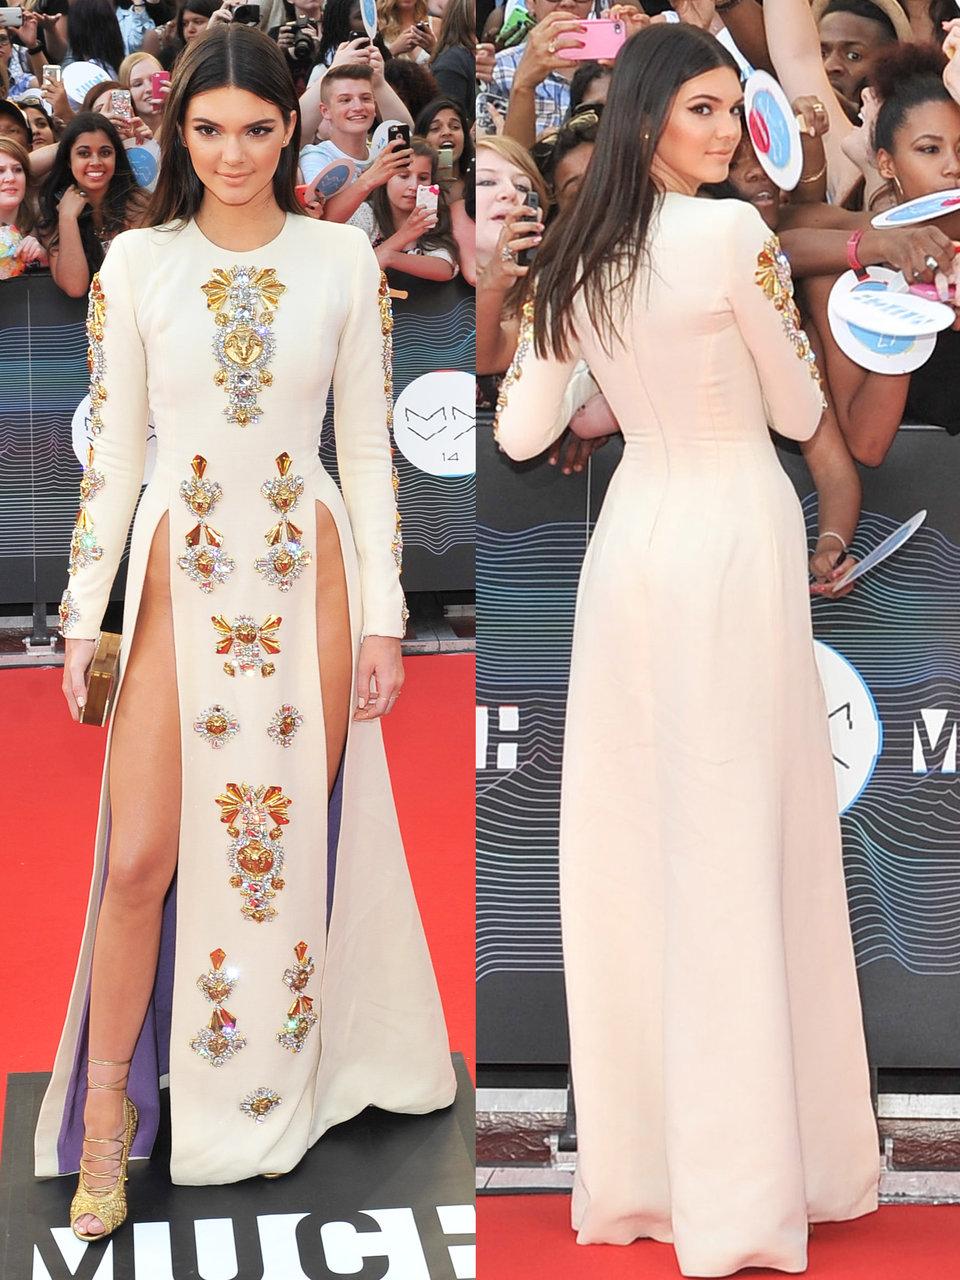 Sao Hollywood và váy xuyên thấu: Mặc đồ hay không mặc, đó là một vấn đề!